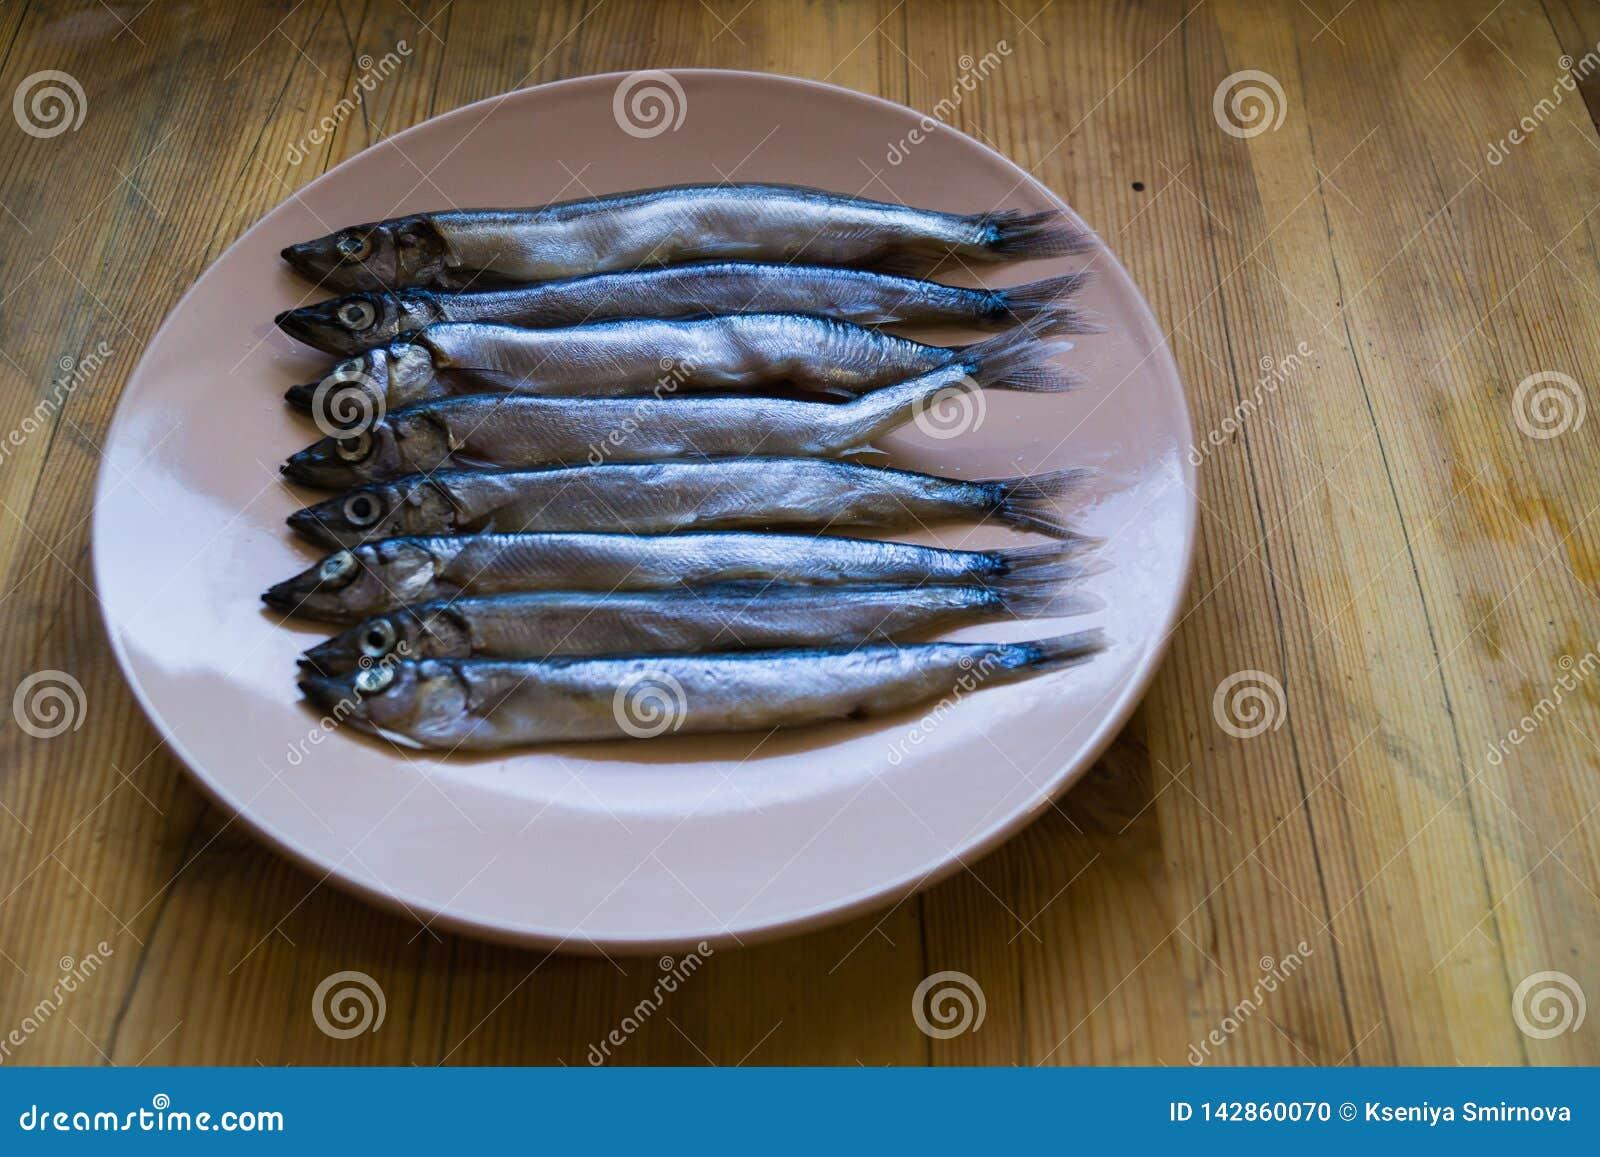 Baixa opinião lateral peixes de prata pequenos em uma placa bege em uma tabela de madeira, fim acima